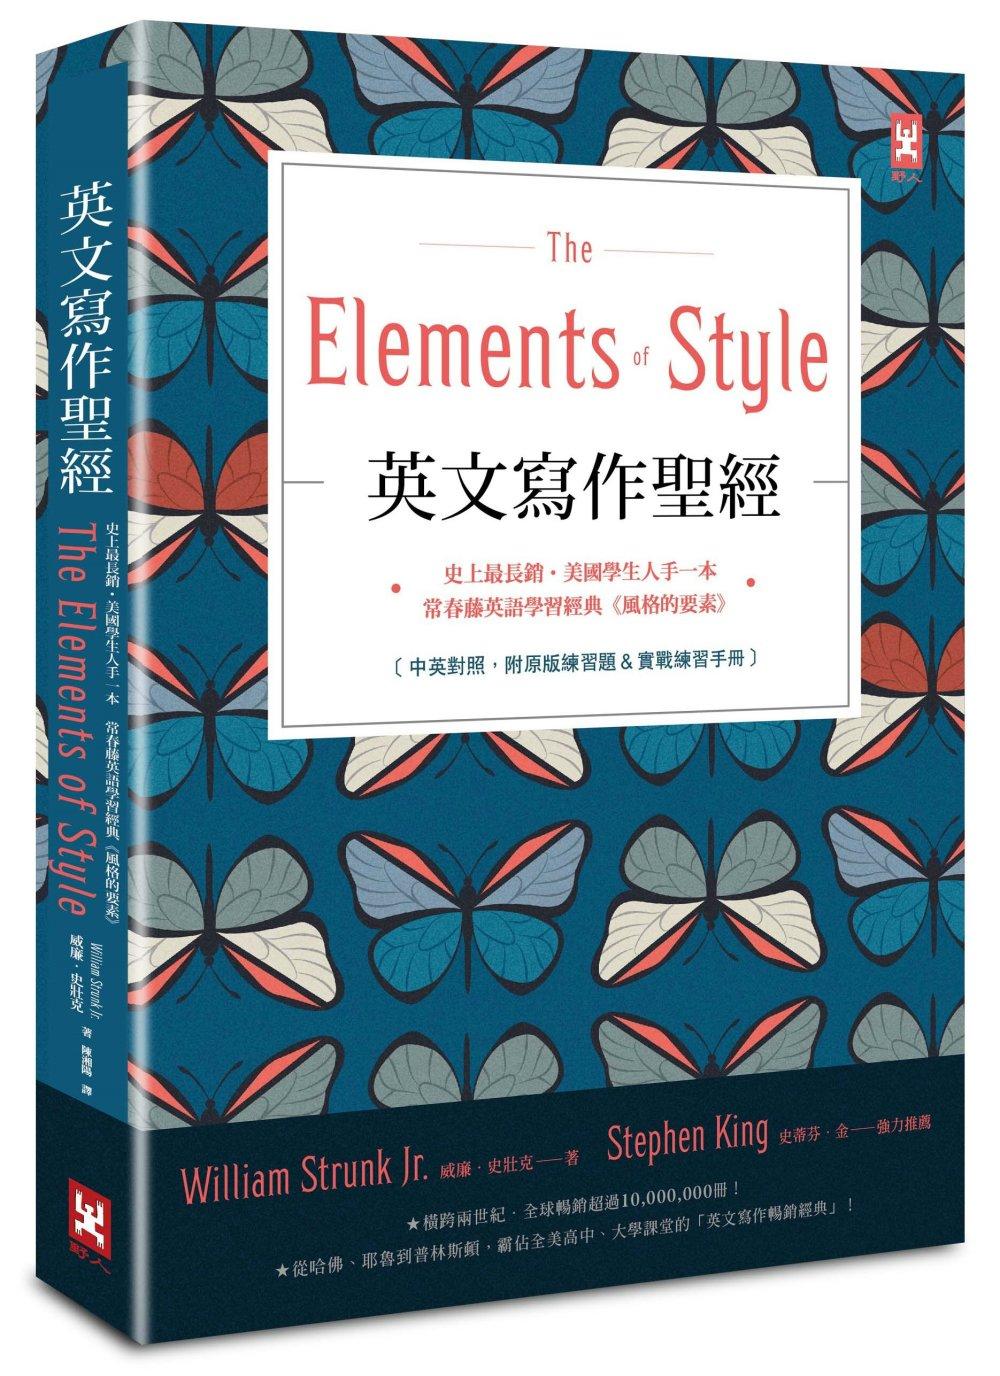 ◤博客來BOOKS◢ 暢銷書榜《推薦》英文寫作聖經《The Elements of Style》:史上最長銷、美國學生人手一本、常春藤英語學習經典《風格的要素》(中英對照,附原版練習題)【隨書贈】英文寫作必備‧實戰練習手冊